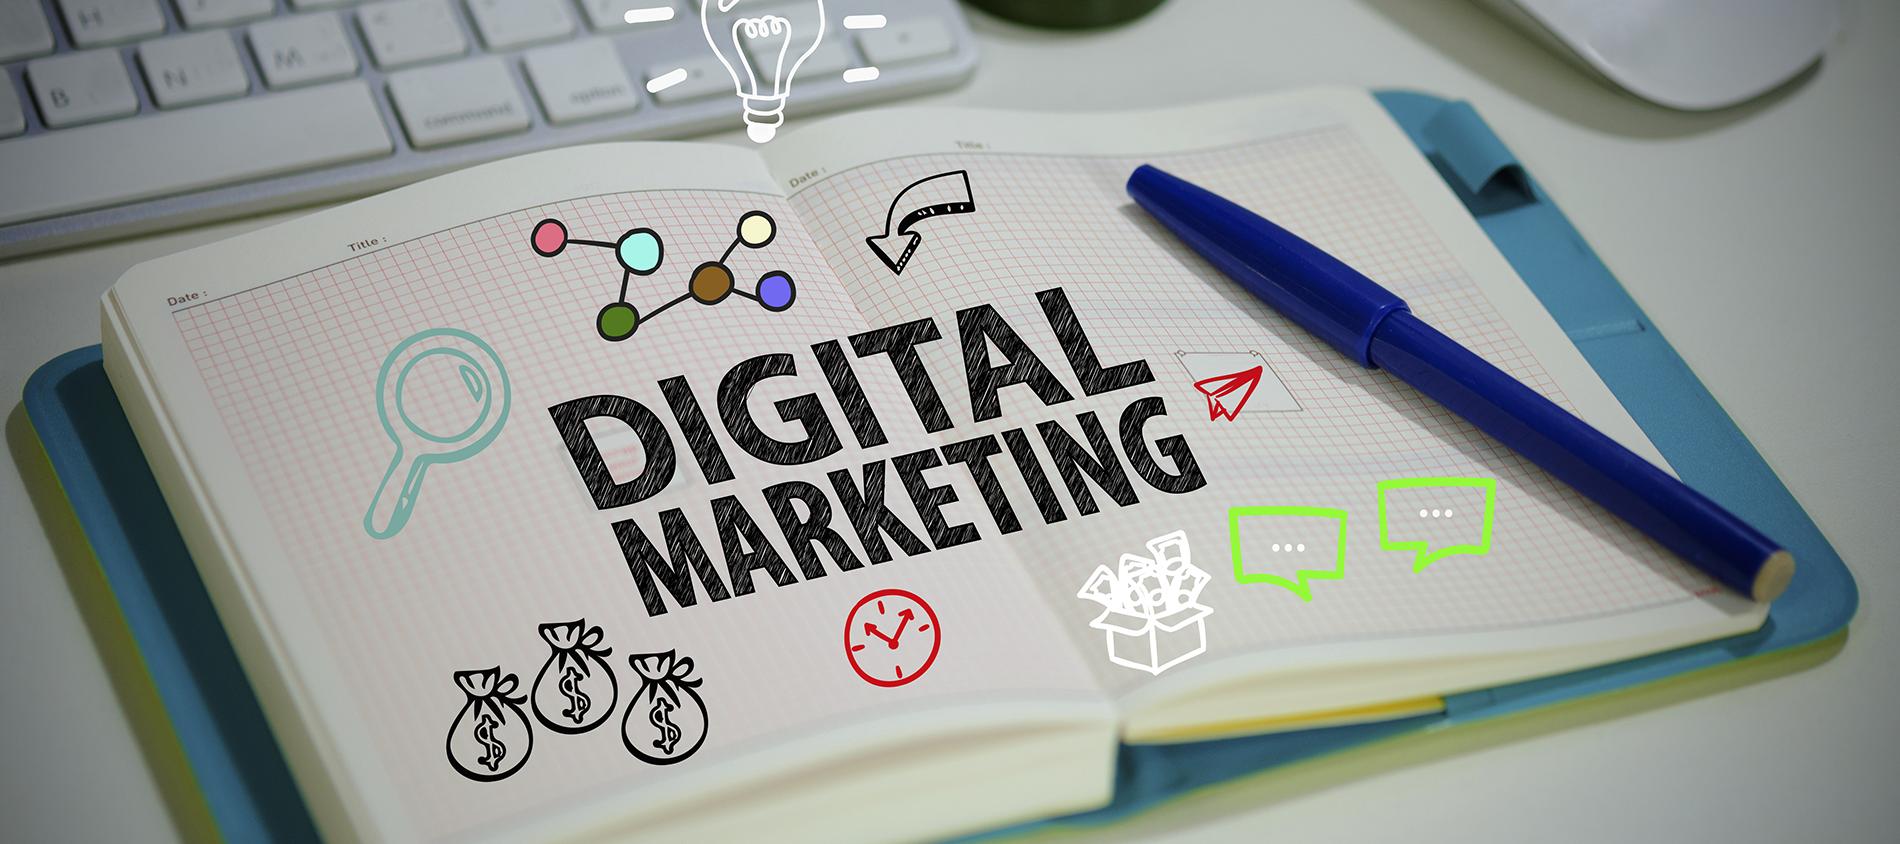 Las mejores estrategias de Marketing Digital (2018)